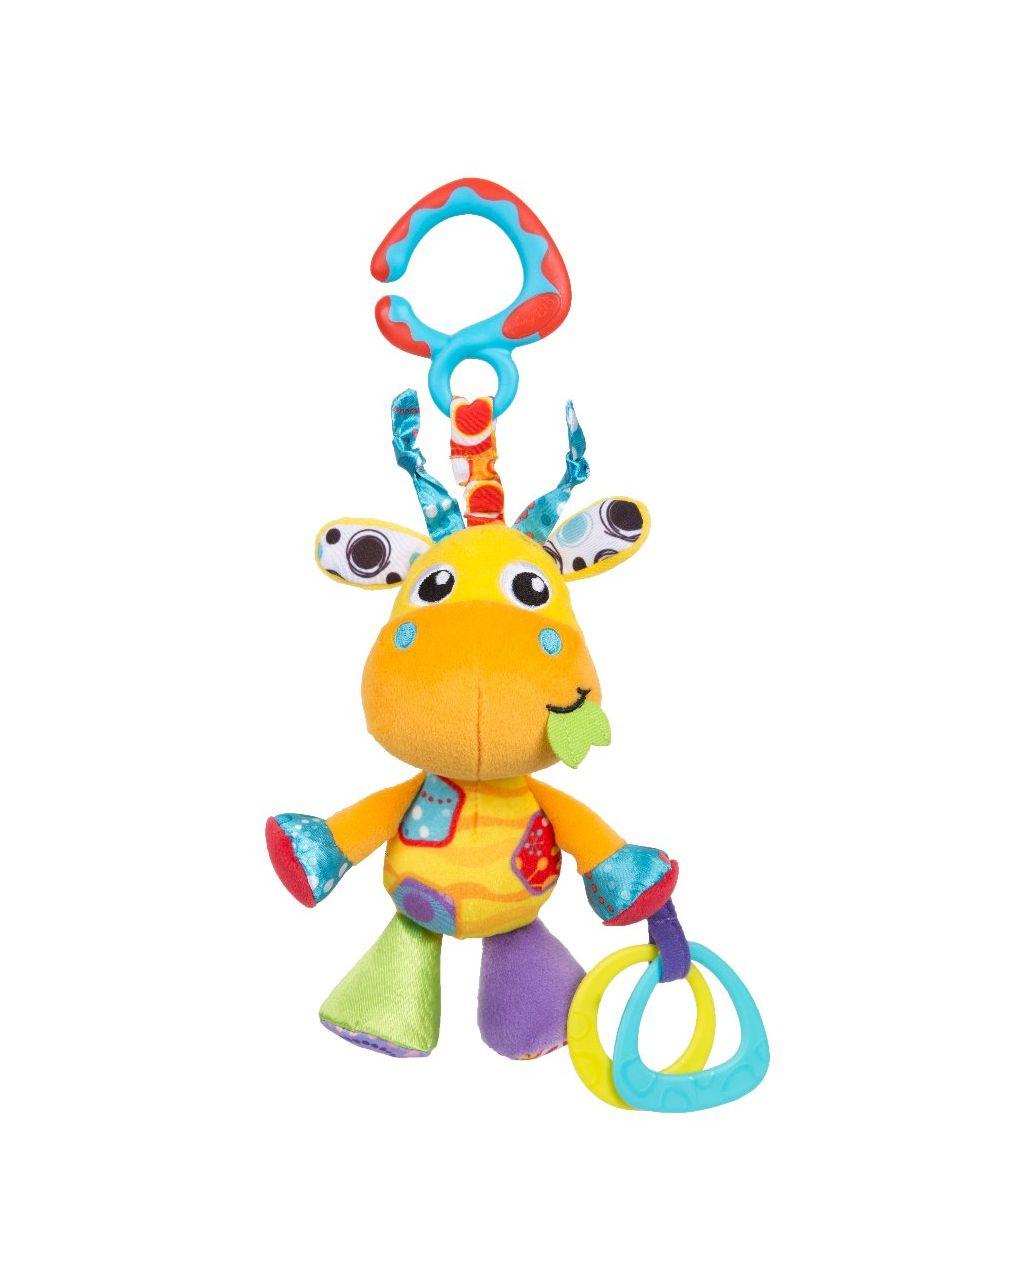 Playgro - jerry giraffe munchimal - Playgro